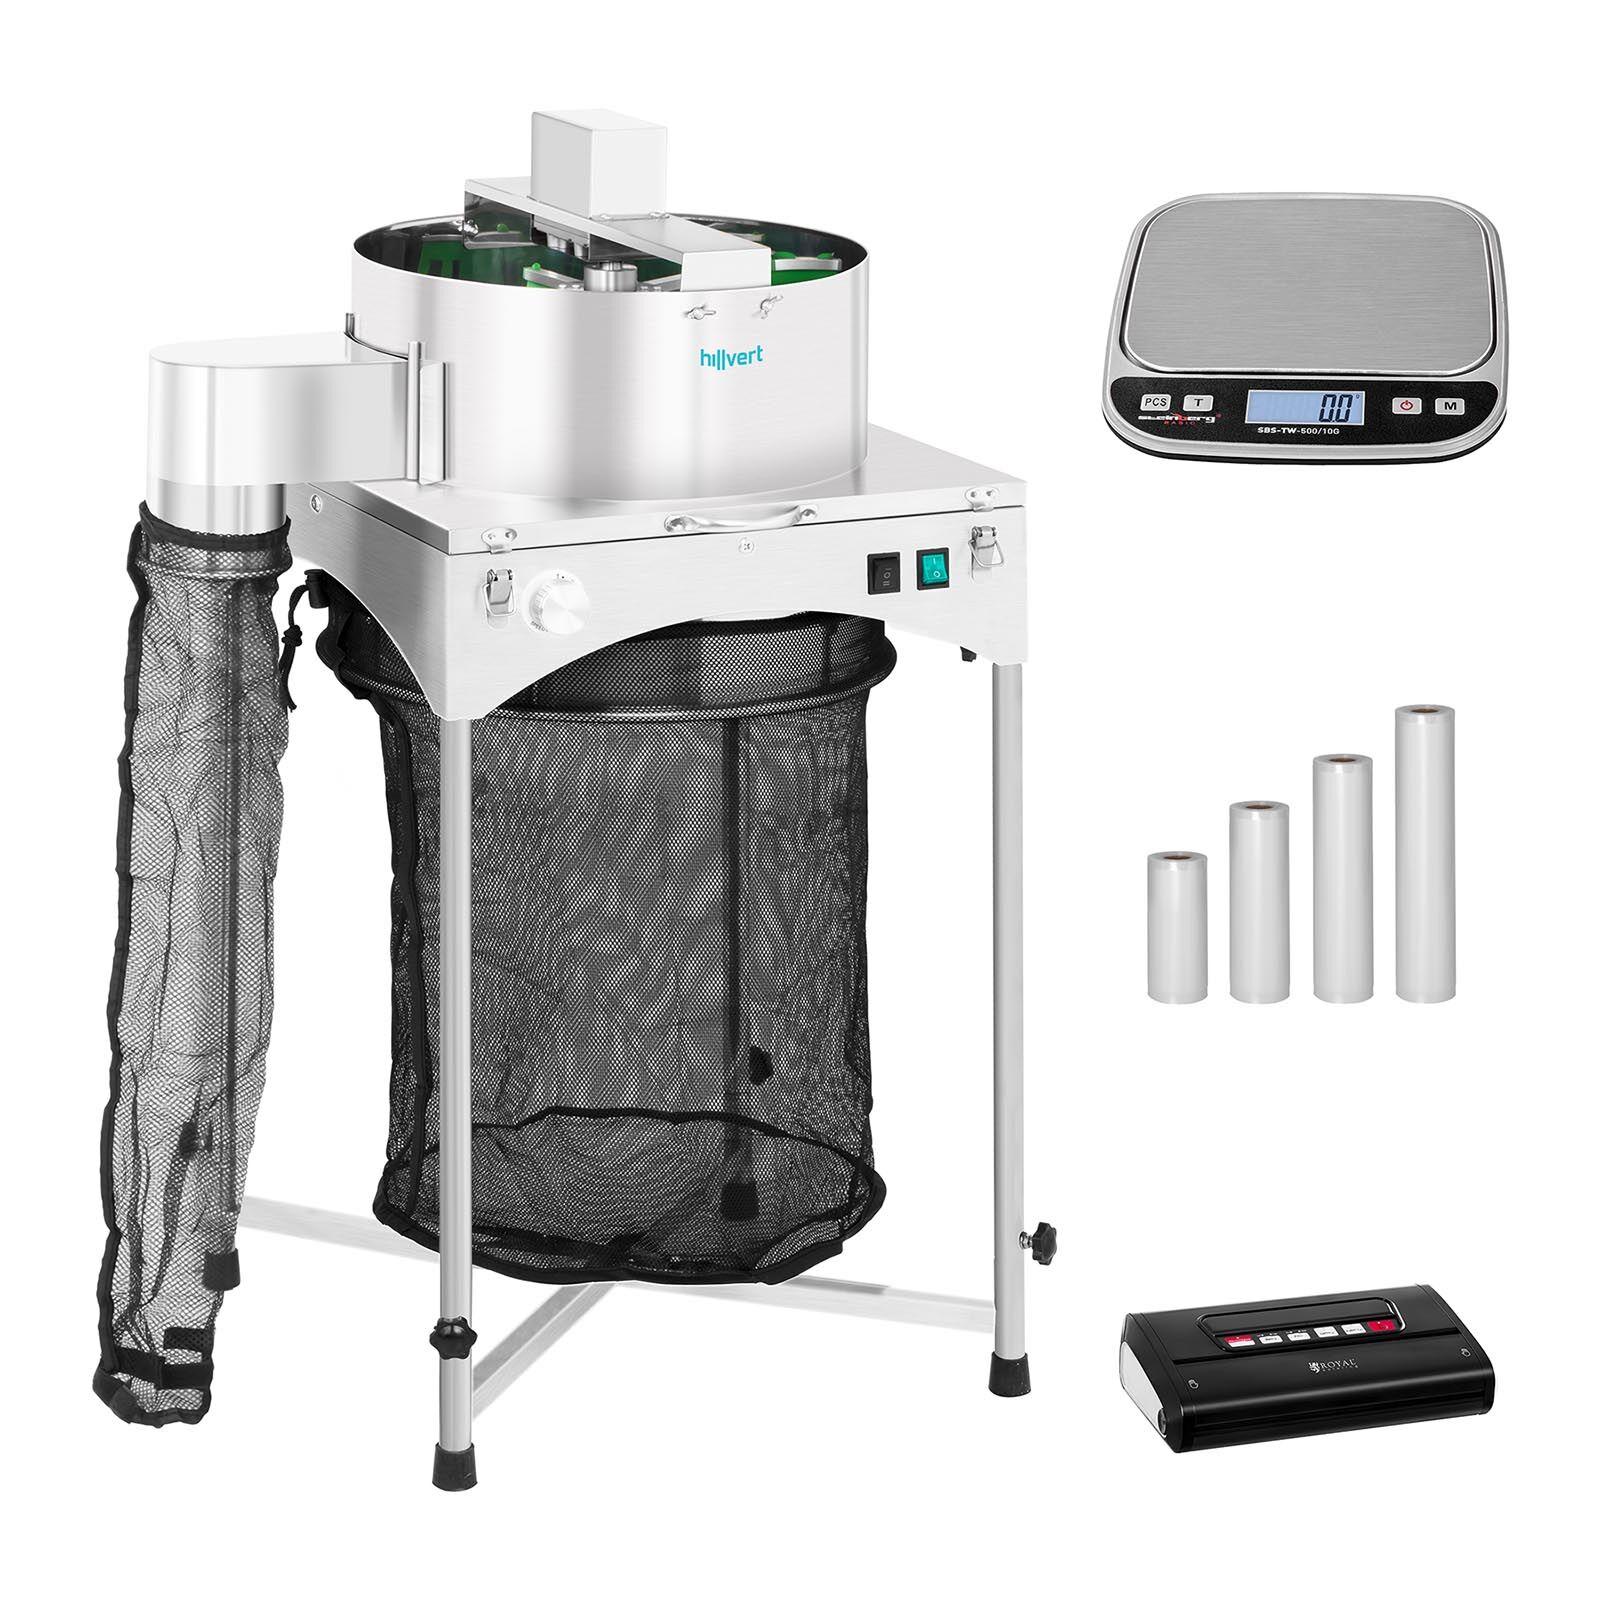 hillvert Machine à manucurer électrique - Set - Ø 39 cm - Machine sous vide alimentaire avec sachets - Balance de table